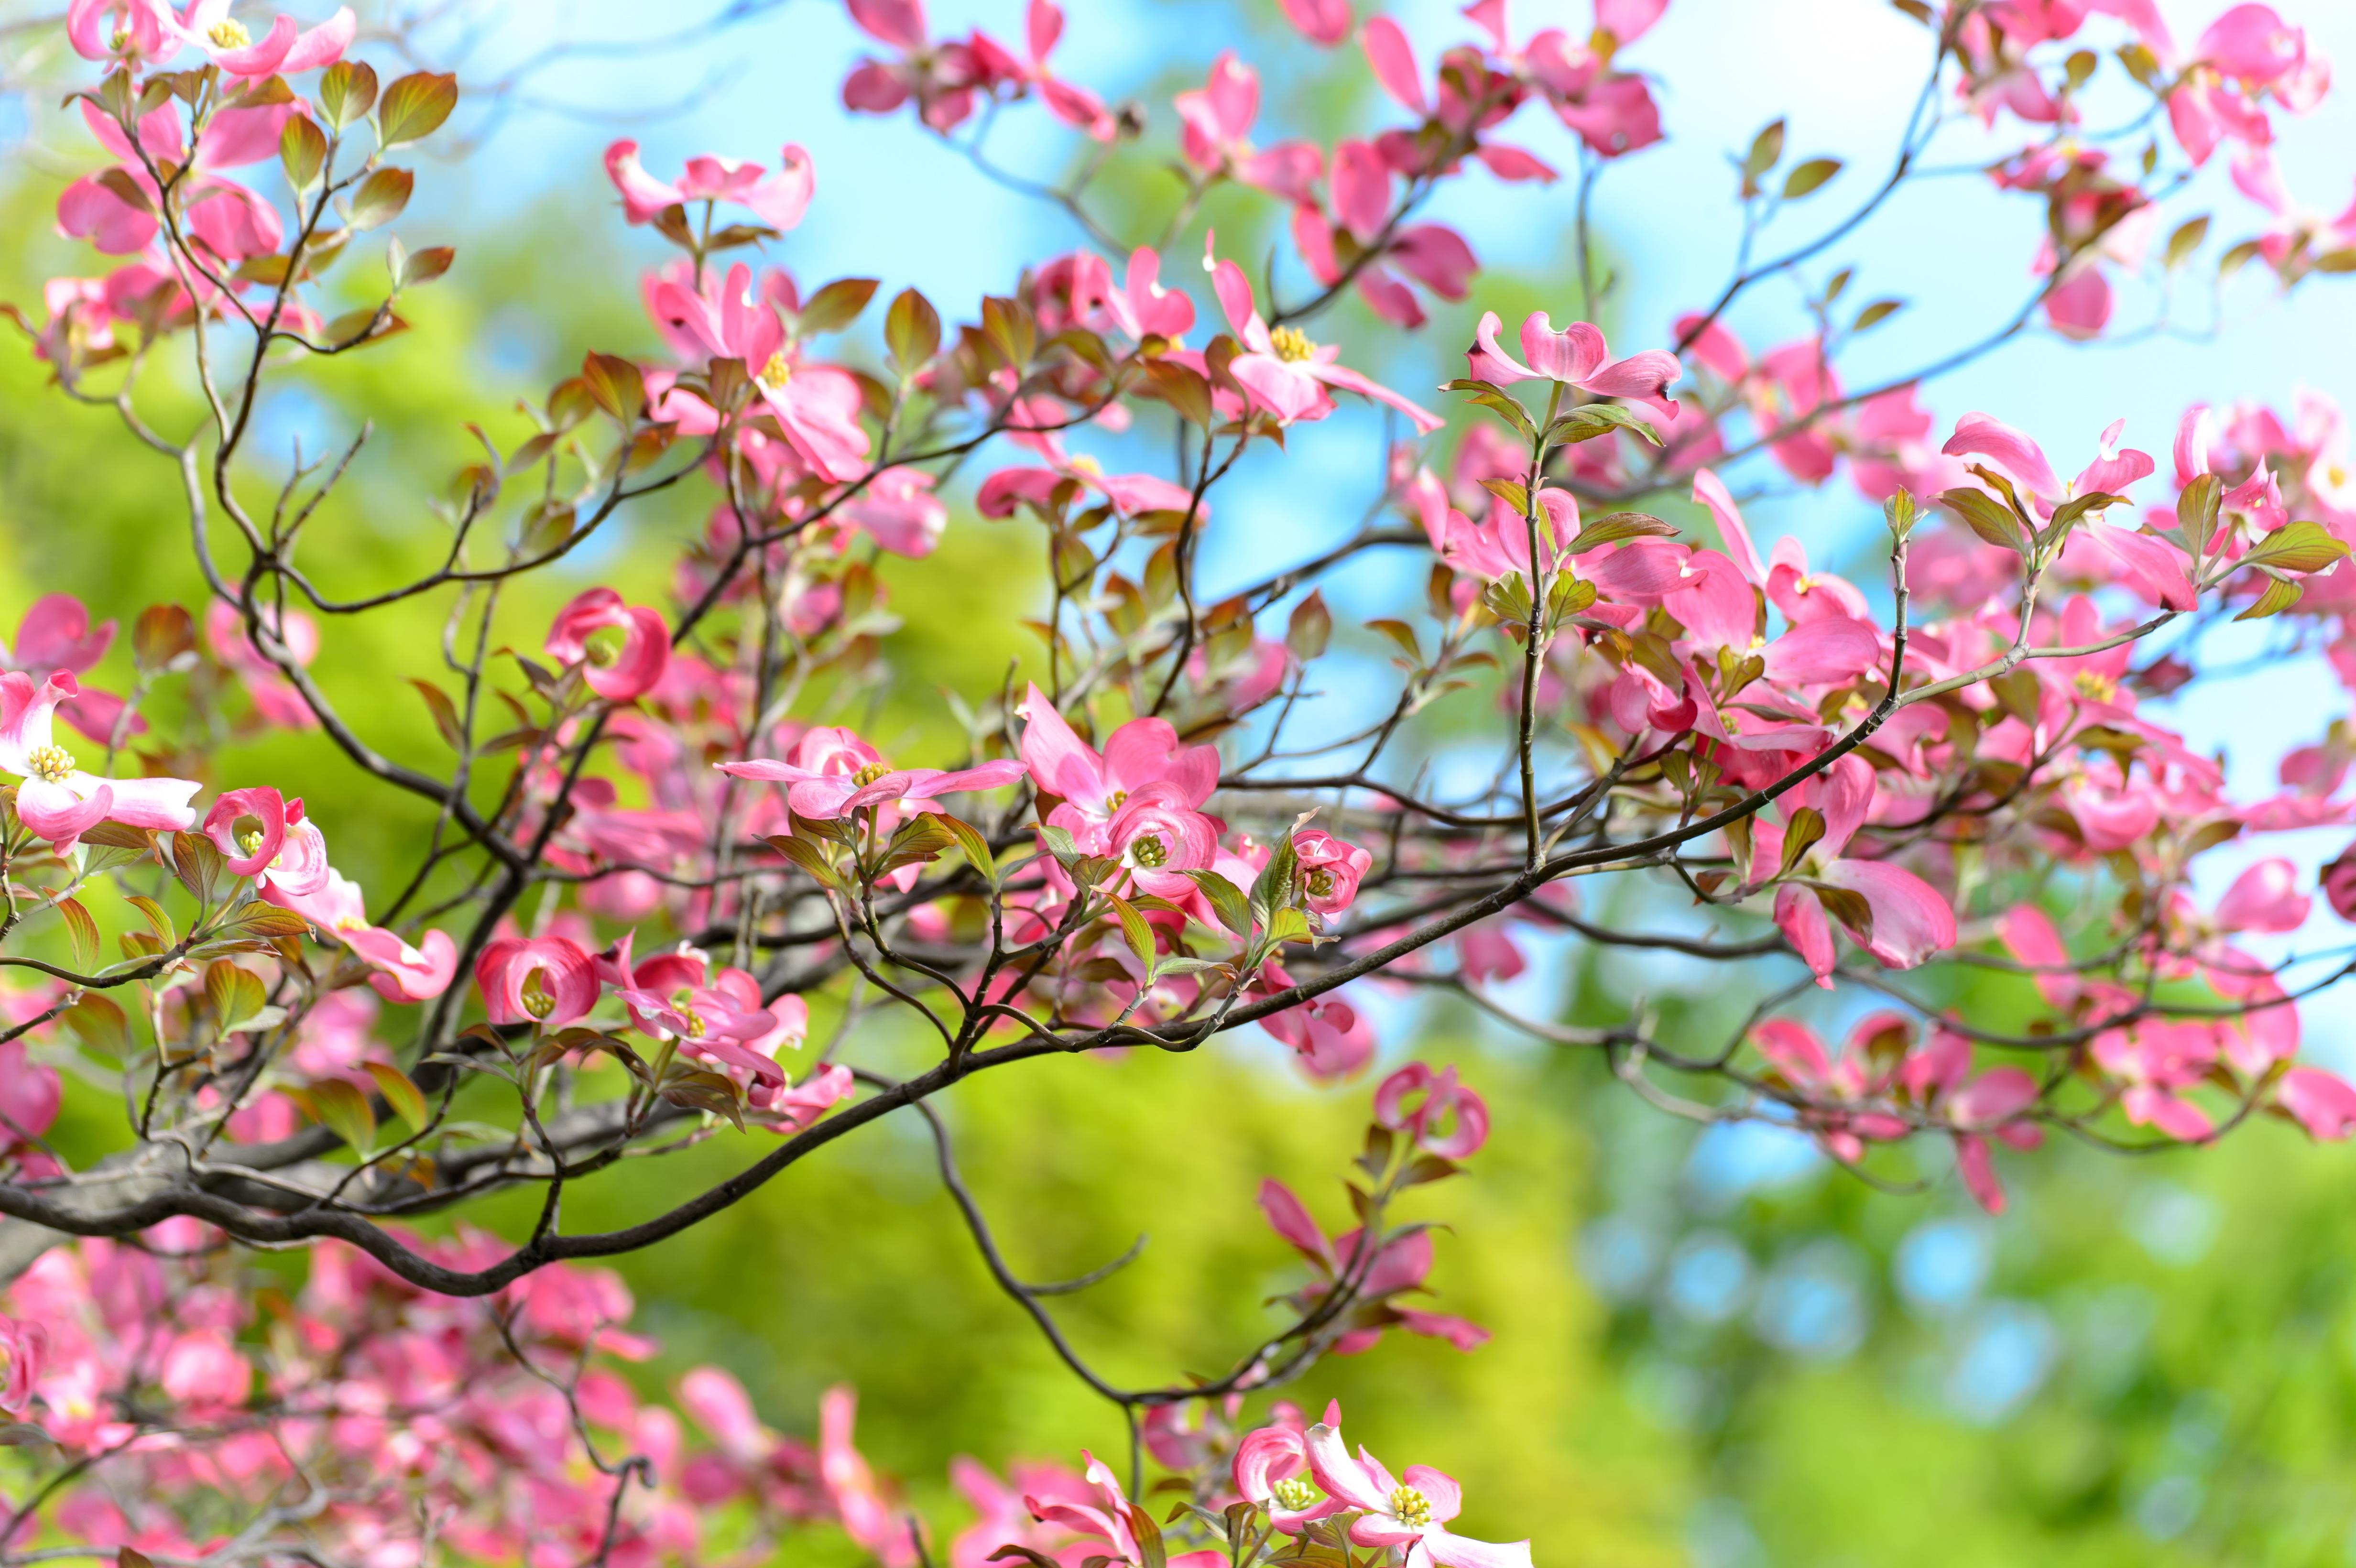 66188 Salvapantallas y fondos de pantalla Flores en tu teléfono. Descarga imágenes de Flores, Madera, Árbol, Florecer, Floración, Rama gratis